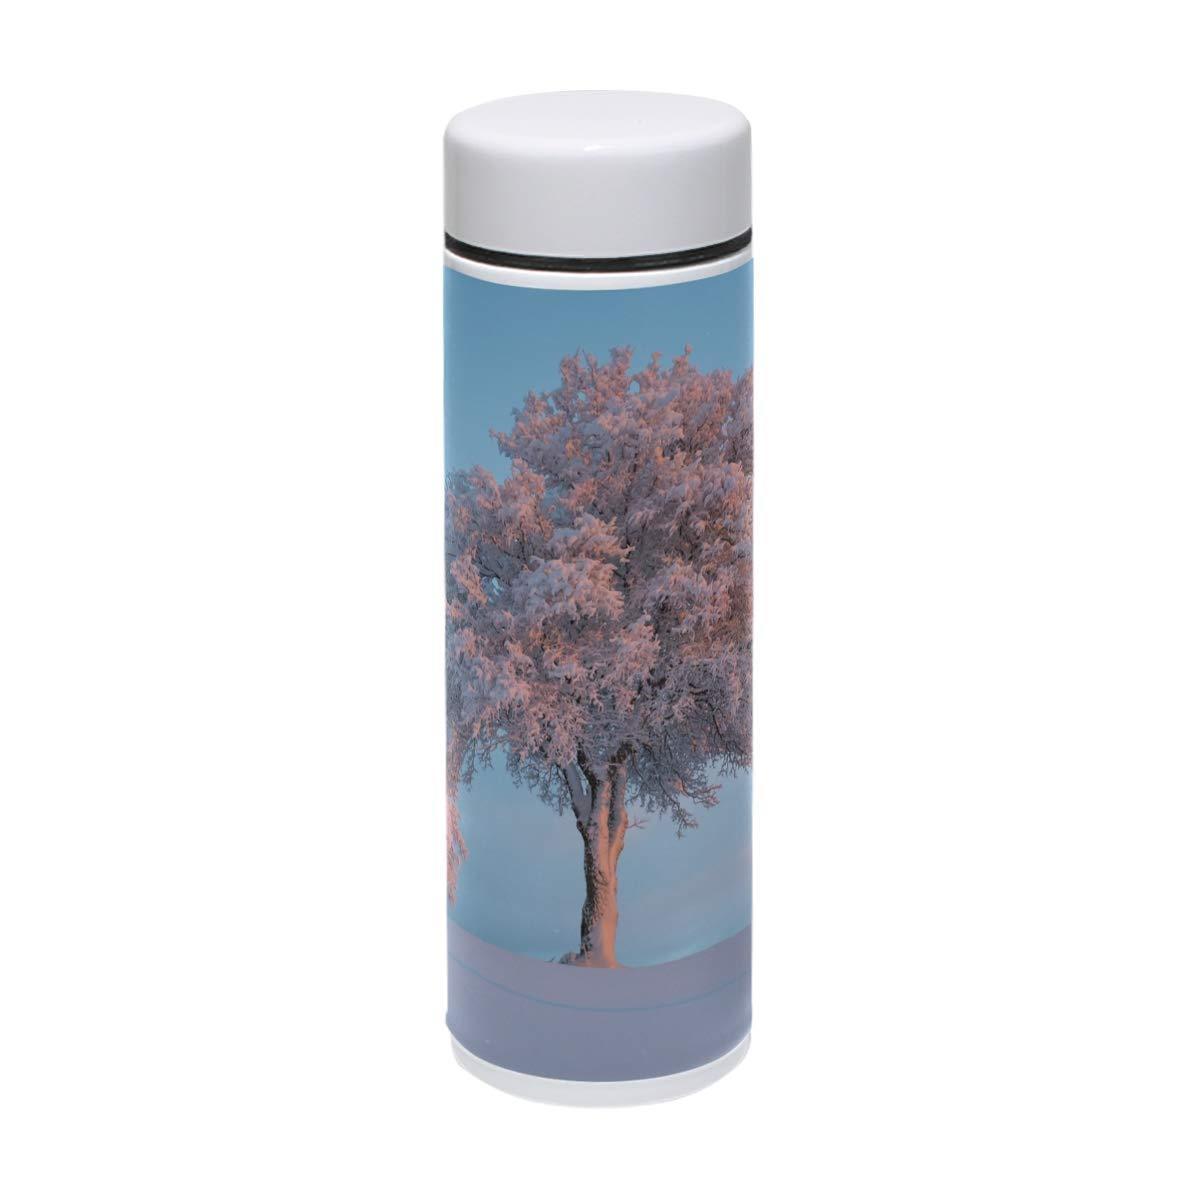 MUOOUM - Taza de viaje de acero inoxidable con aislamiento al al aislamiento vacío, diseño de árbol de nieve, color rosa, para 12 horas 5dffa0